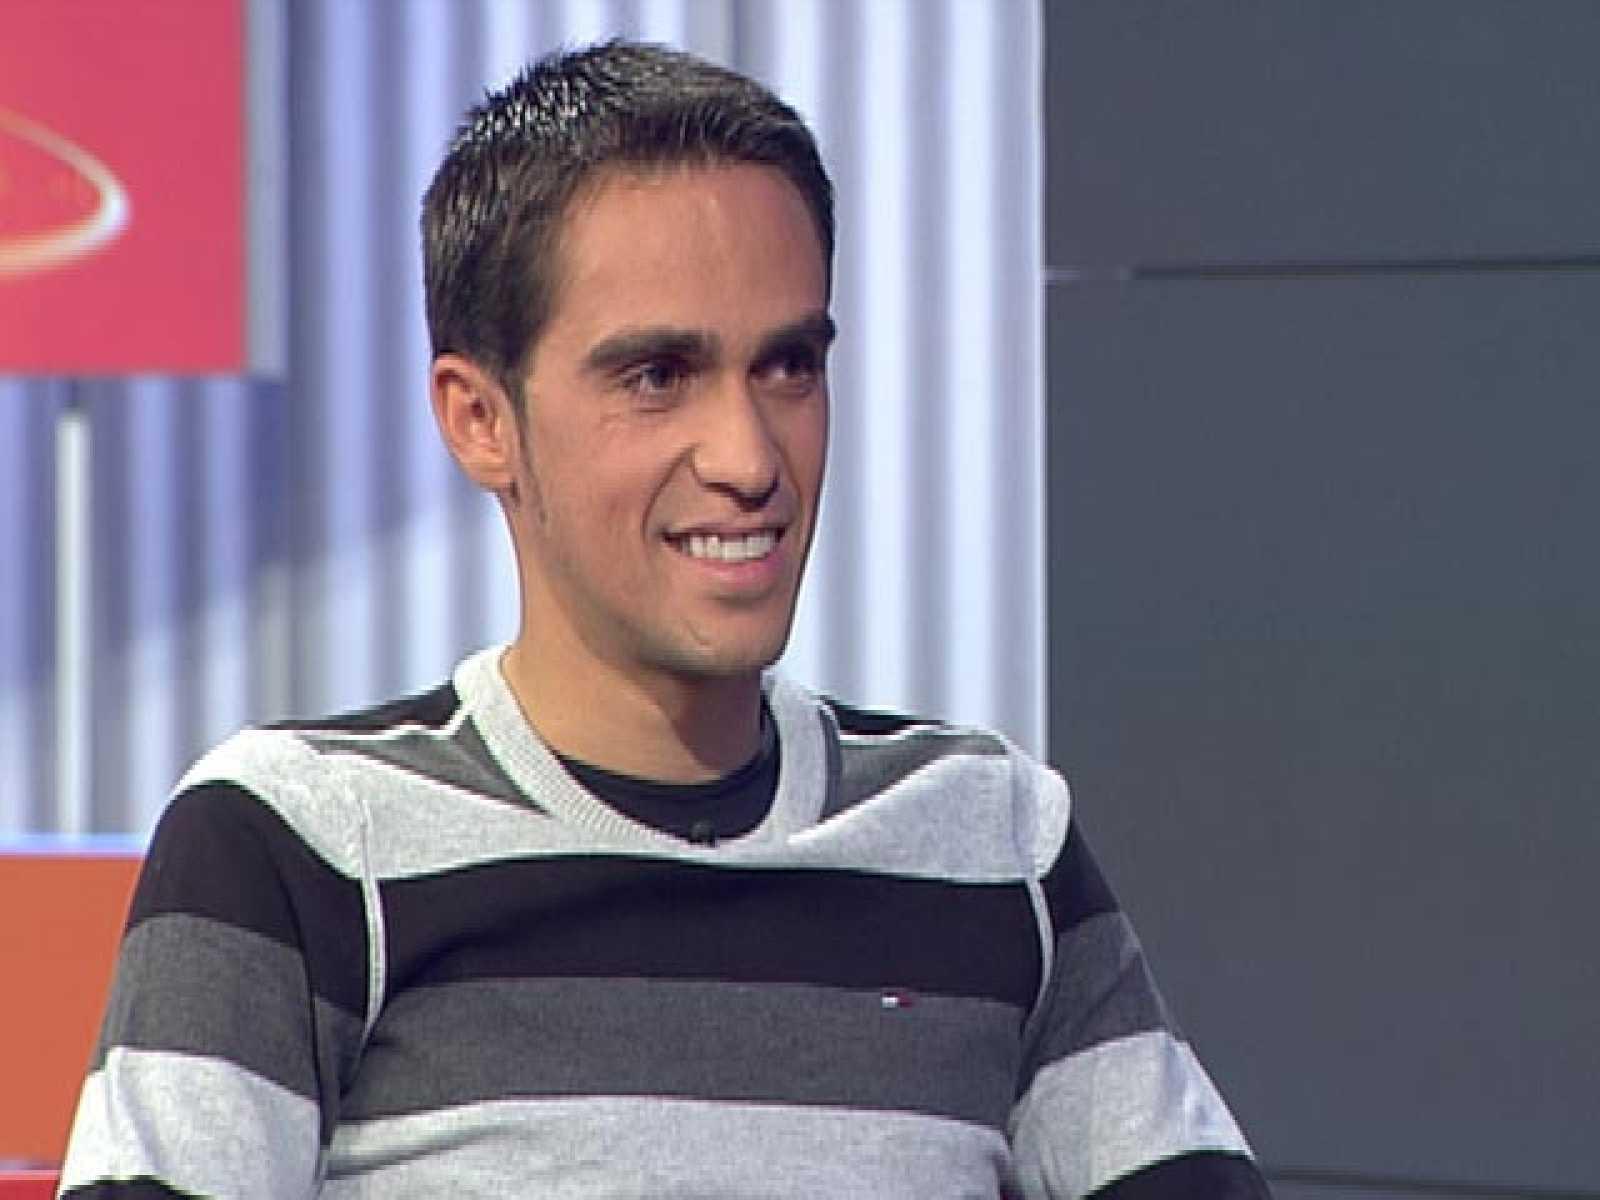 El ciclista de Pinto, triple vencedor del Tour de Francia, ha concedido una amplia entrevista en Teledeporte donde defiende una vez más su inocencia en el caso de presunto dopaje por clembuterol